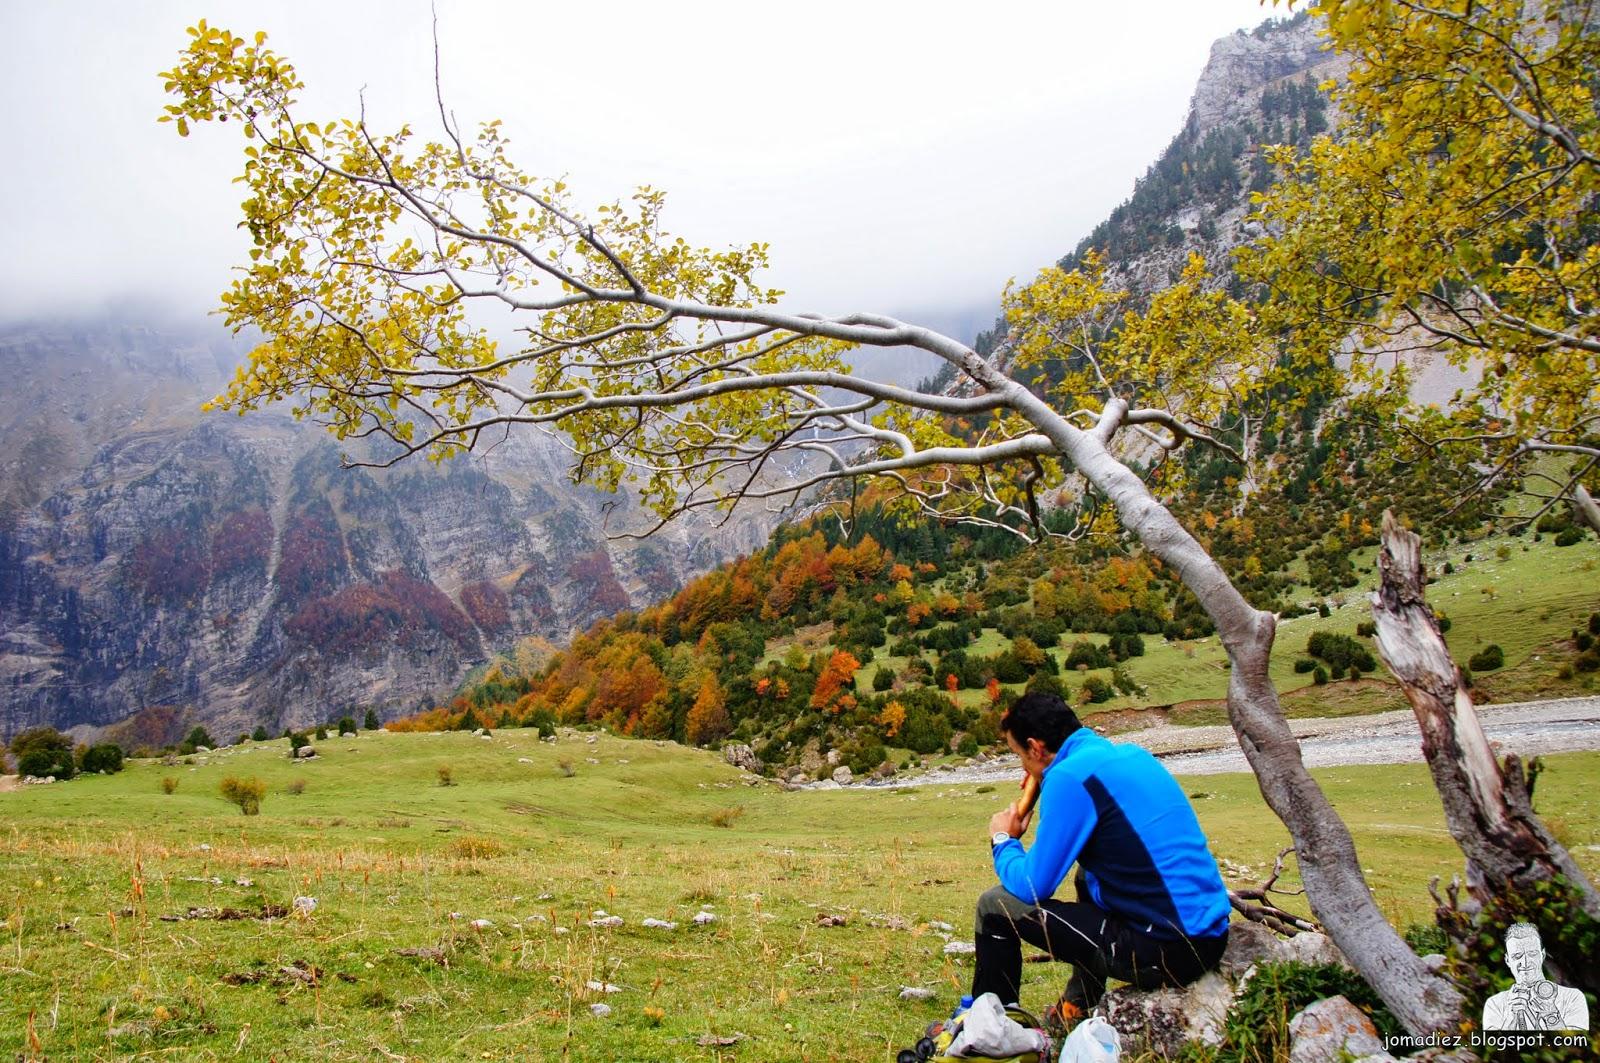 De http://jomadiez.blogspot.com.es